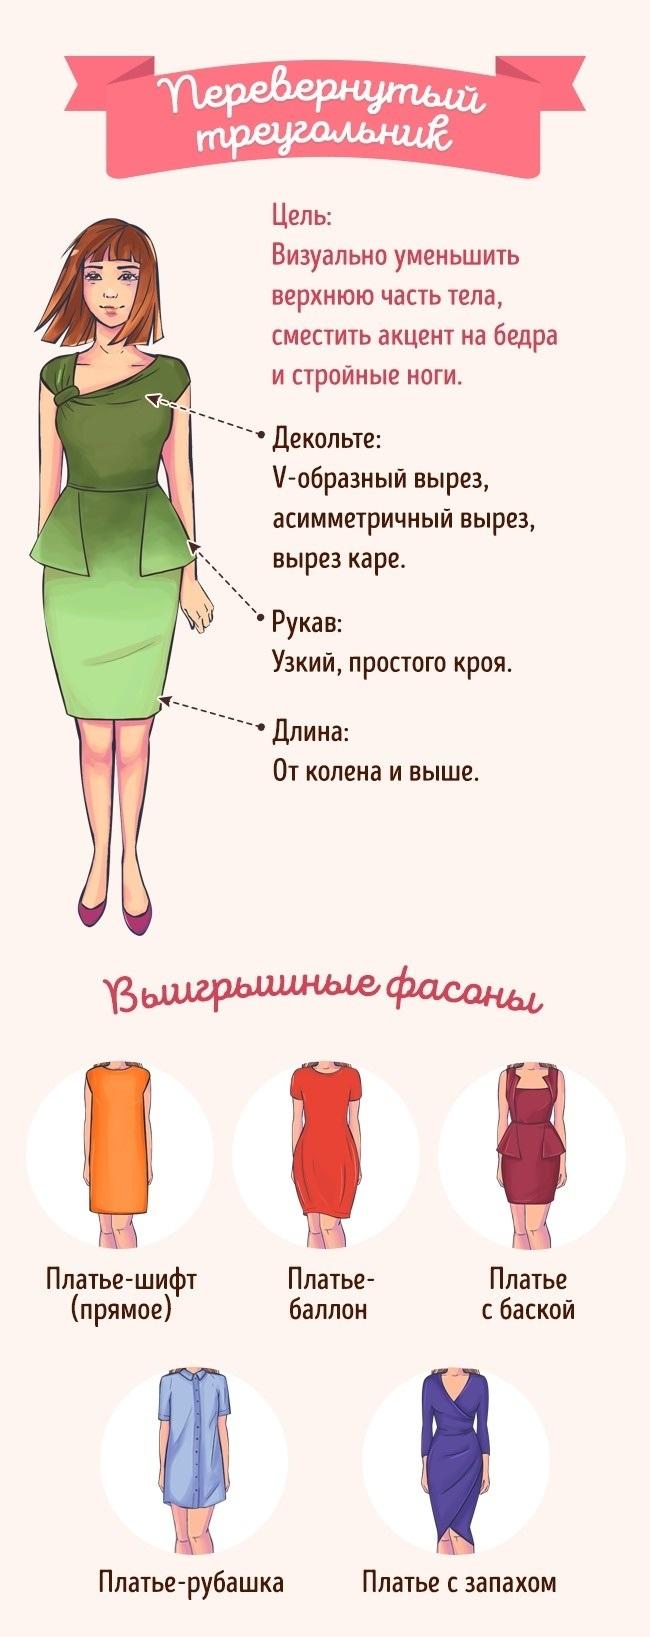 в каком платье выиграшно смотрится большая грудь